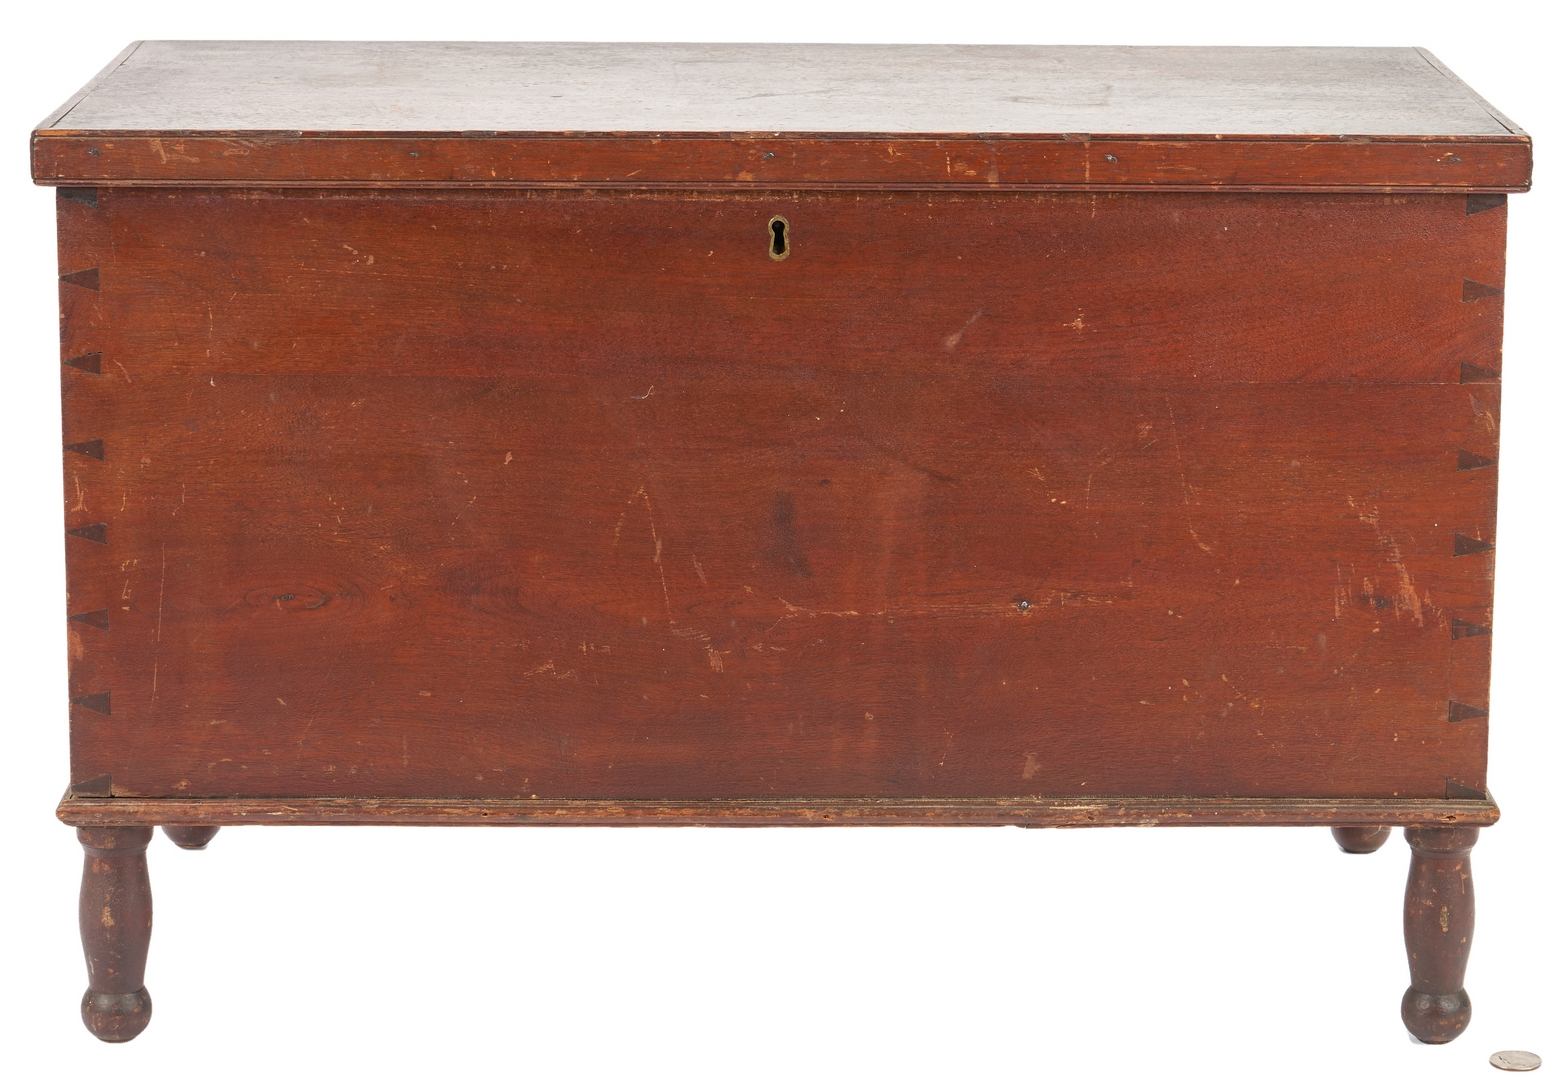 Lot 170: Miniature Tennessee Walnut Blanket Box